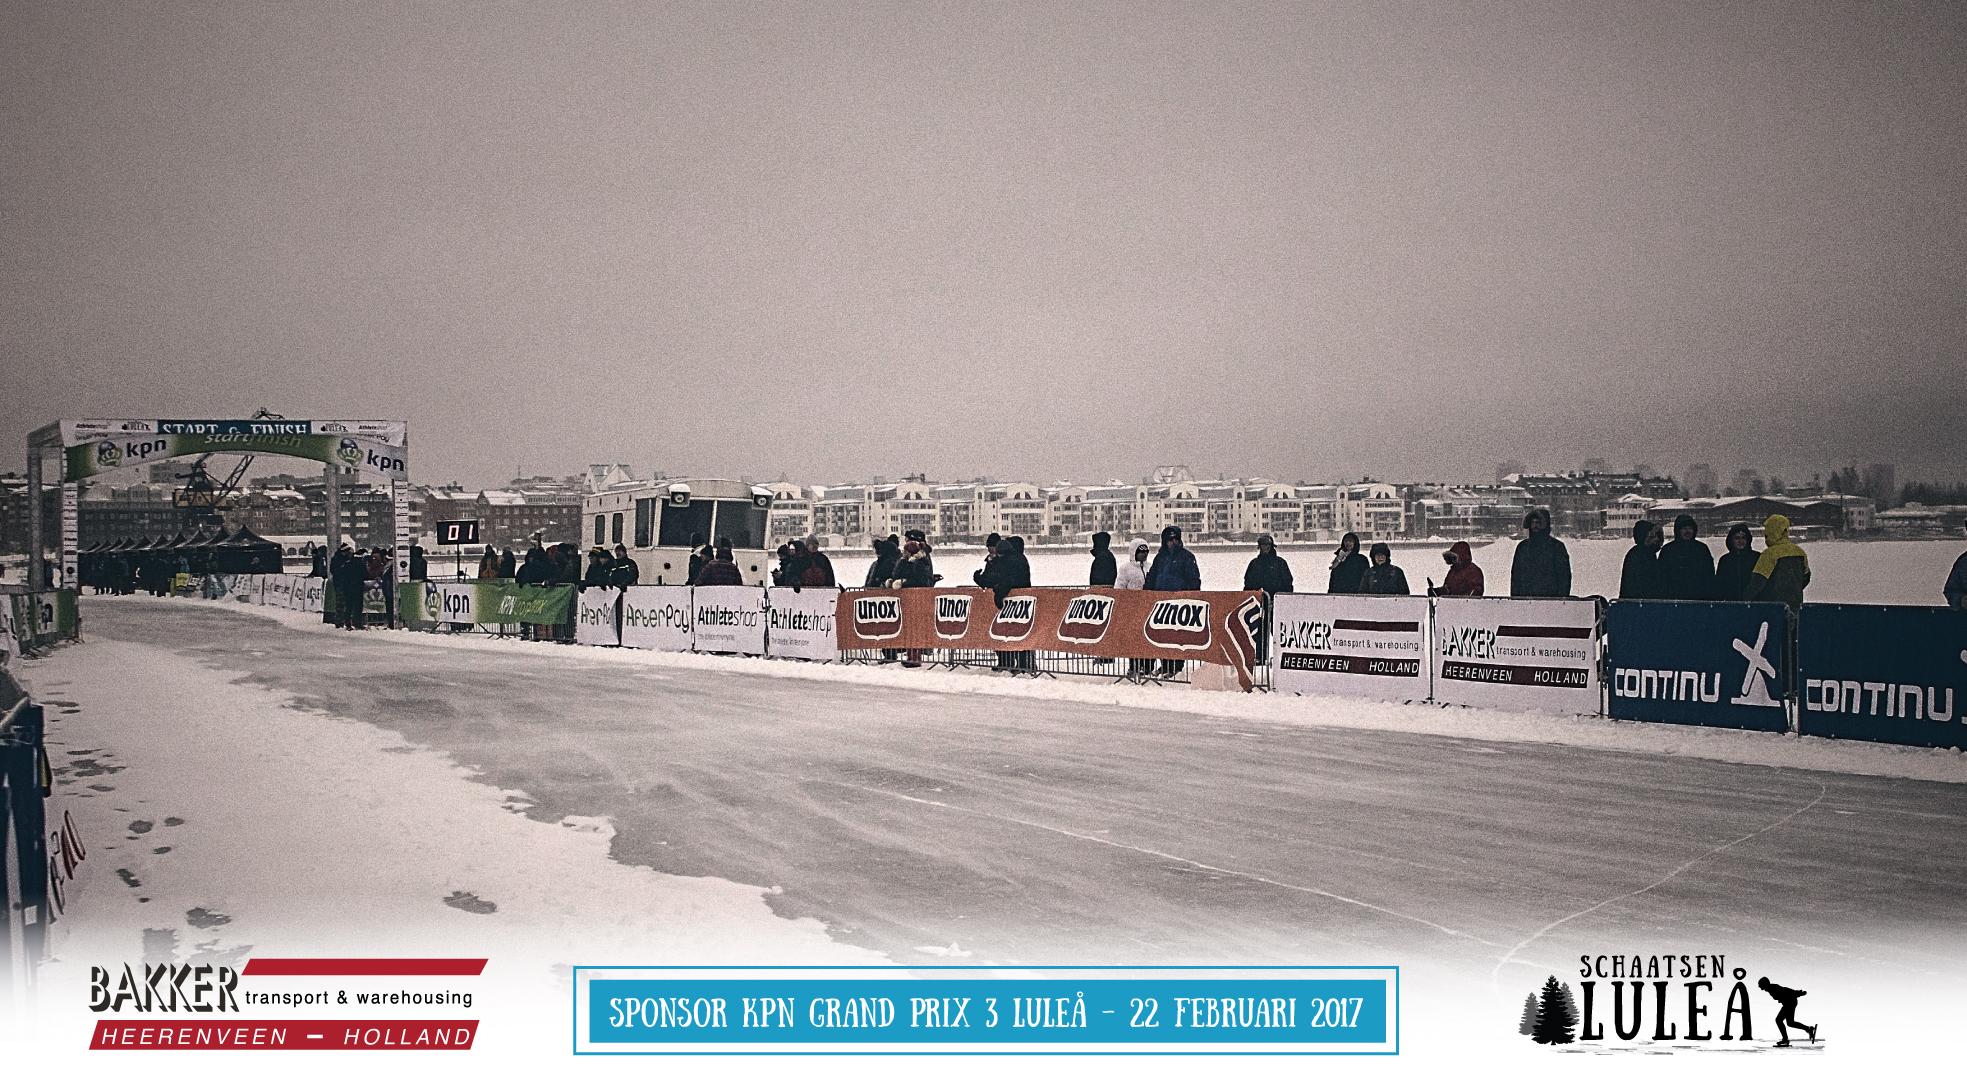 bakker-transport-sponsor-lulea-schaatsen-kpn-grand-prix-natuurijs